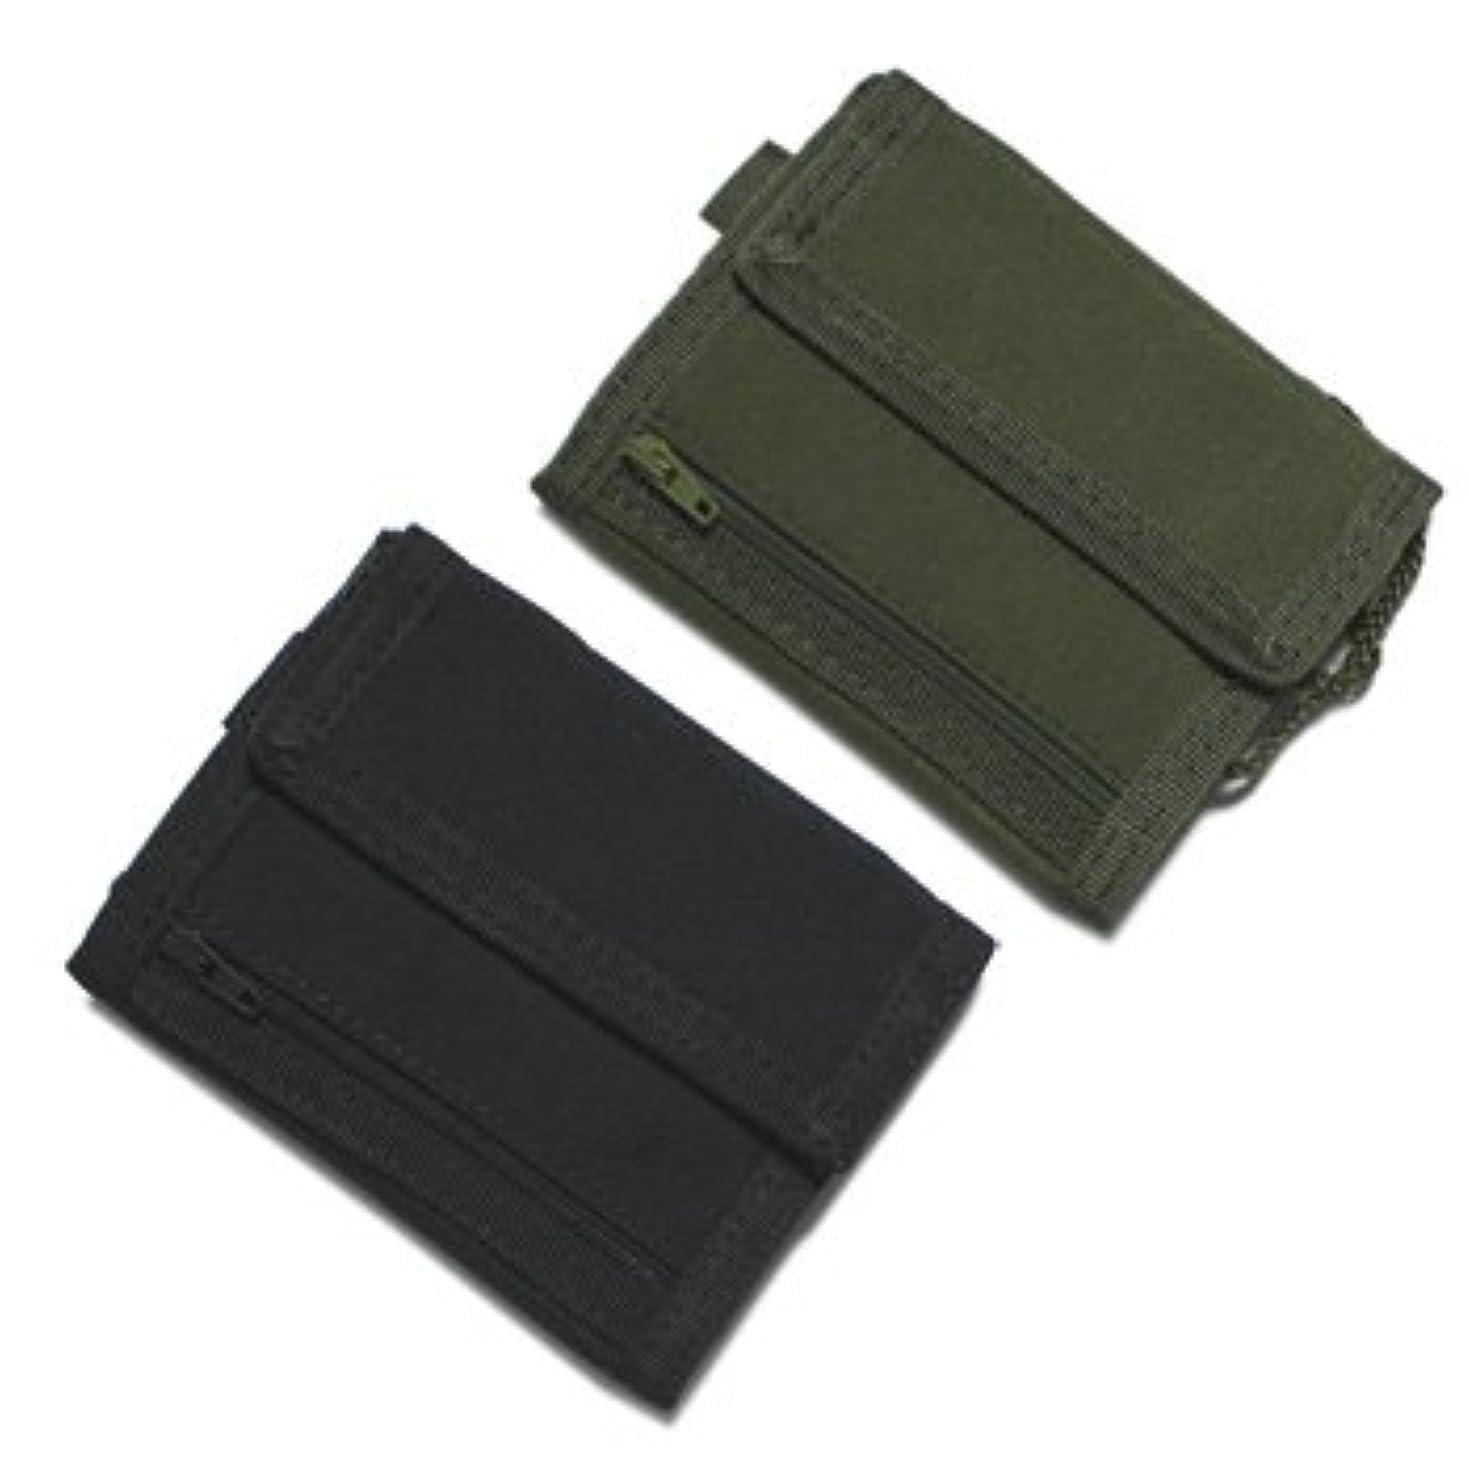 のれんクロールスキャンダラスCONDOR(コンドル) タクティカルギア 235 VAULT Tri-fold IDウォレット(IDケース?三つ折り財布)